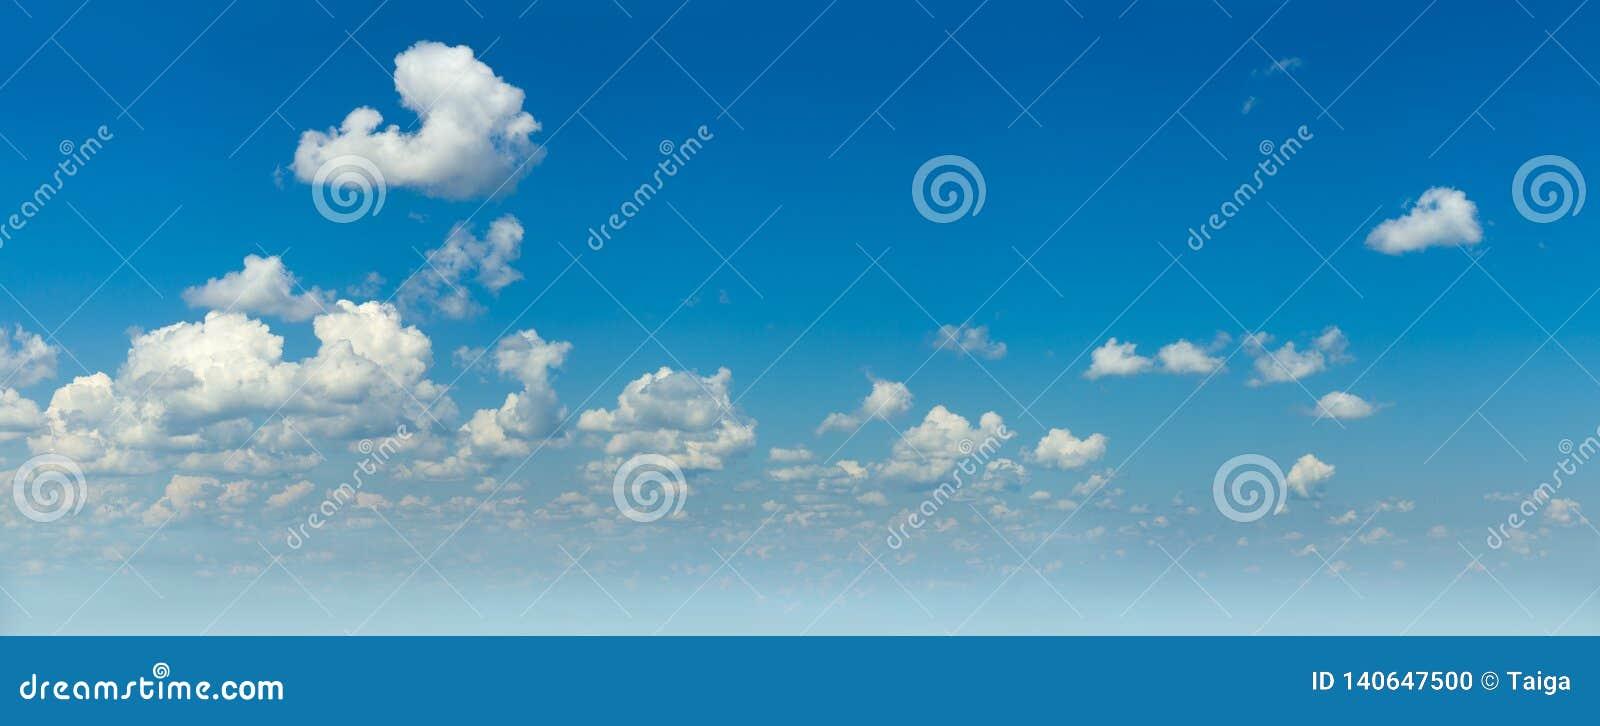 Panorâmico do céu azul real e das nuvens claras brancas